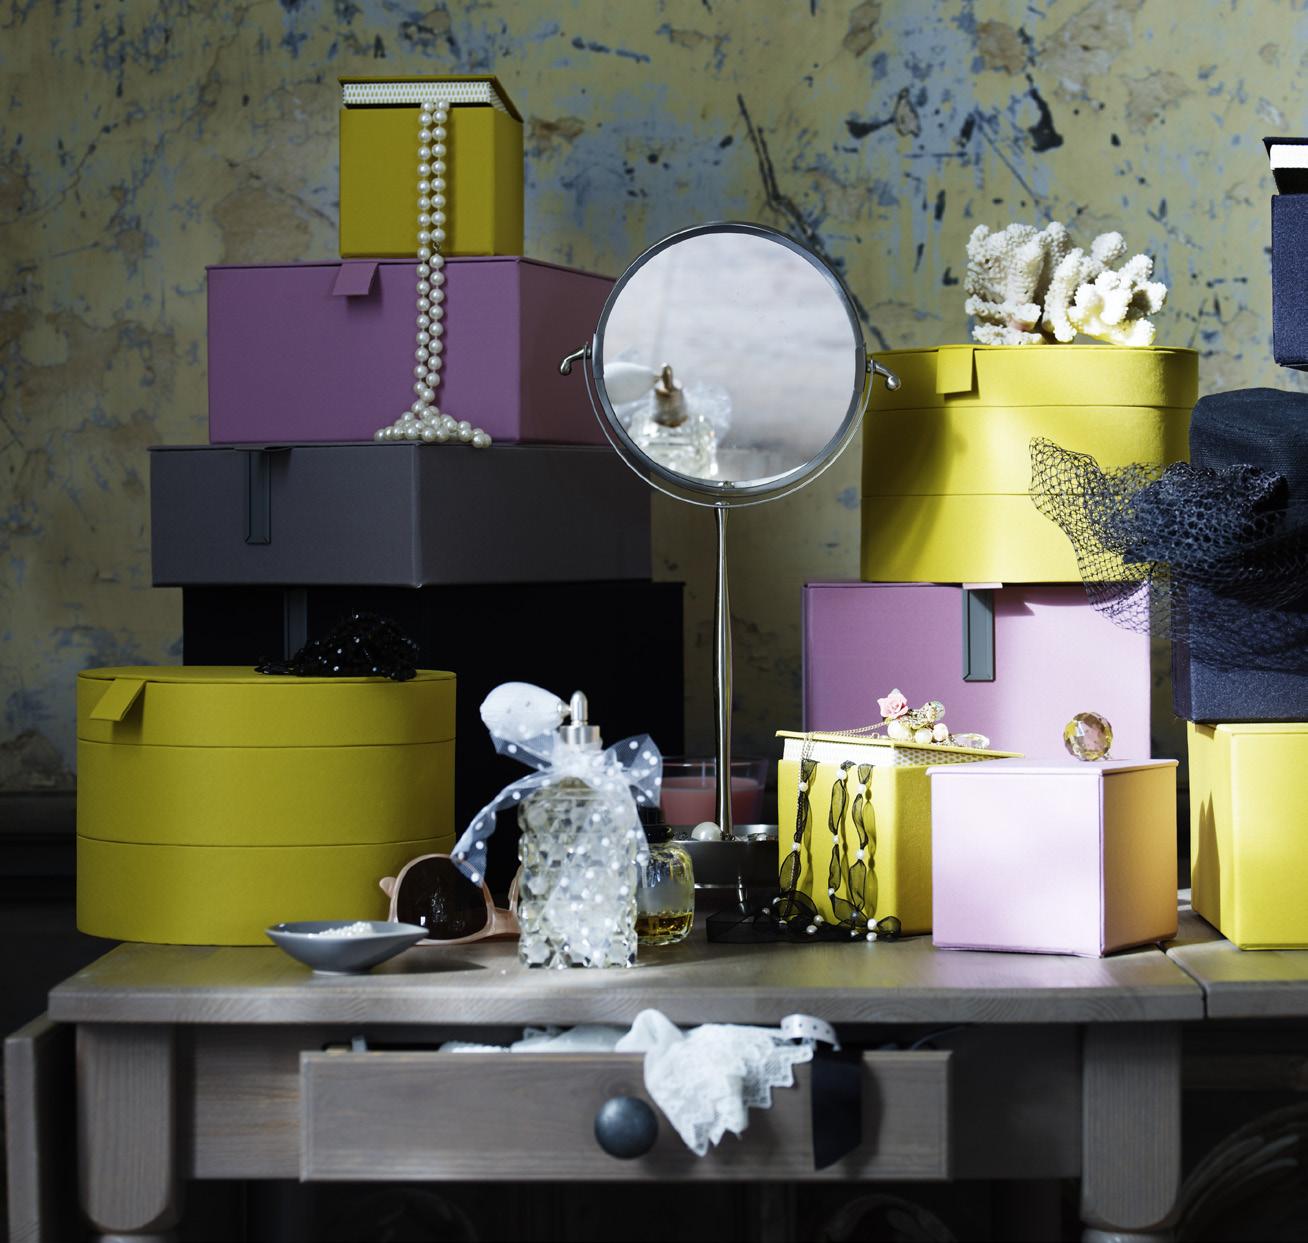 Rangement color chez ikea pour la rentr e ikeaddict - Rangement tiroir plastique ikea ...